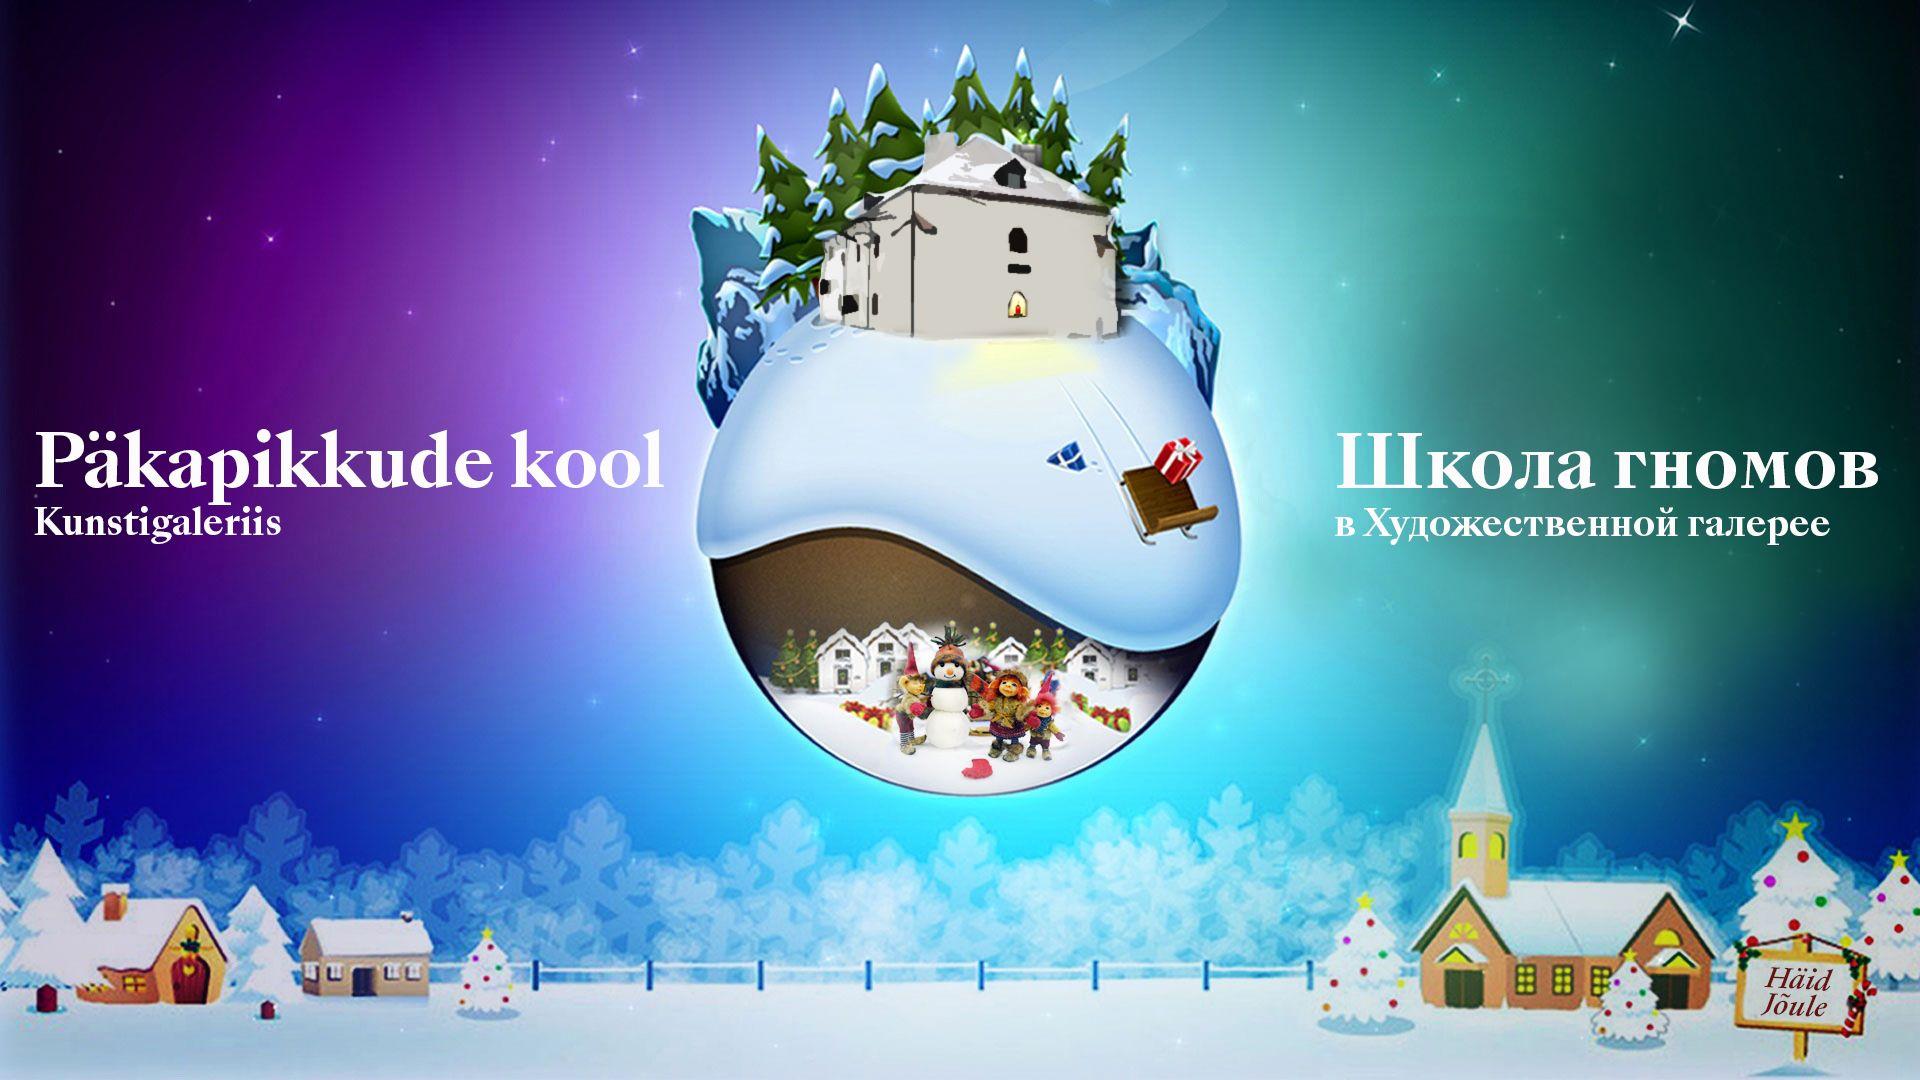 """Kunstigalerii jõuluprogramm """"Päkapikkude kool"""" 01.12.2020-08.01.2021"""